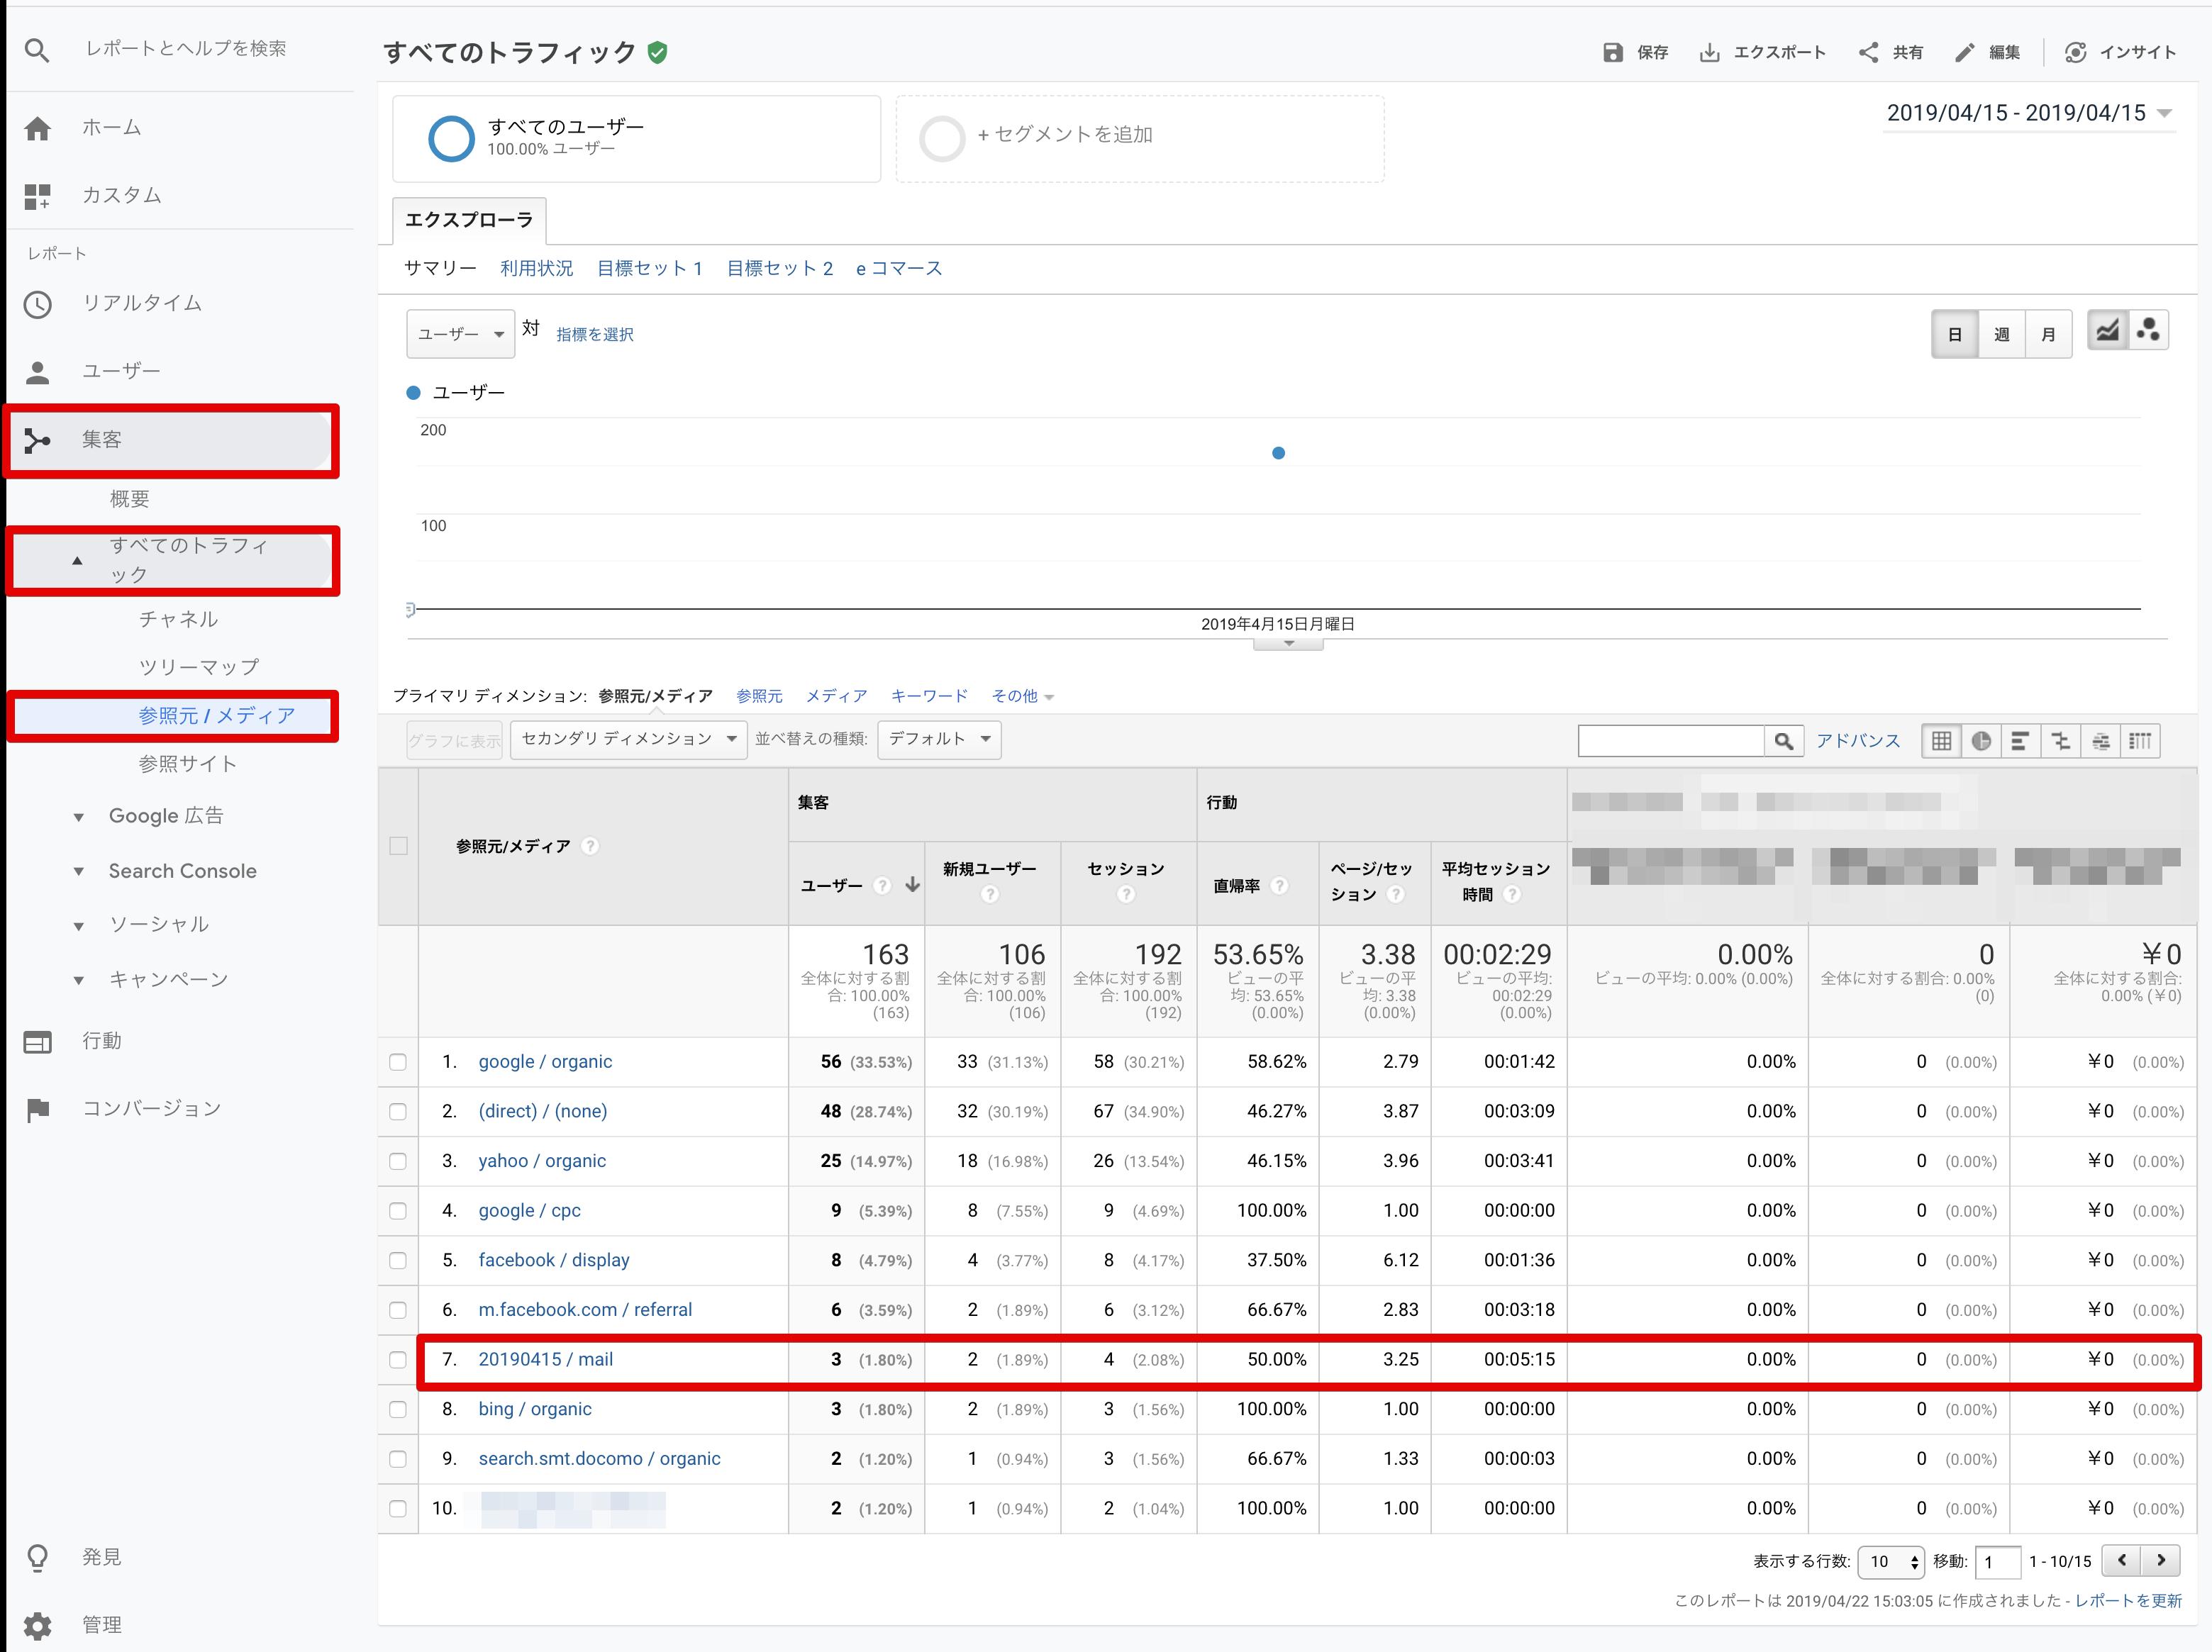 ダミーパラメータが設定できたか確認する際のGoogleアナリティクスの管理画面